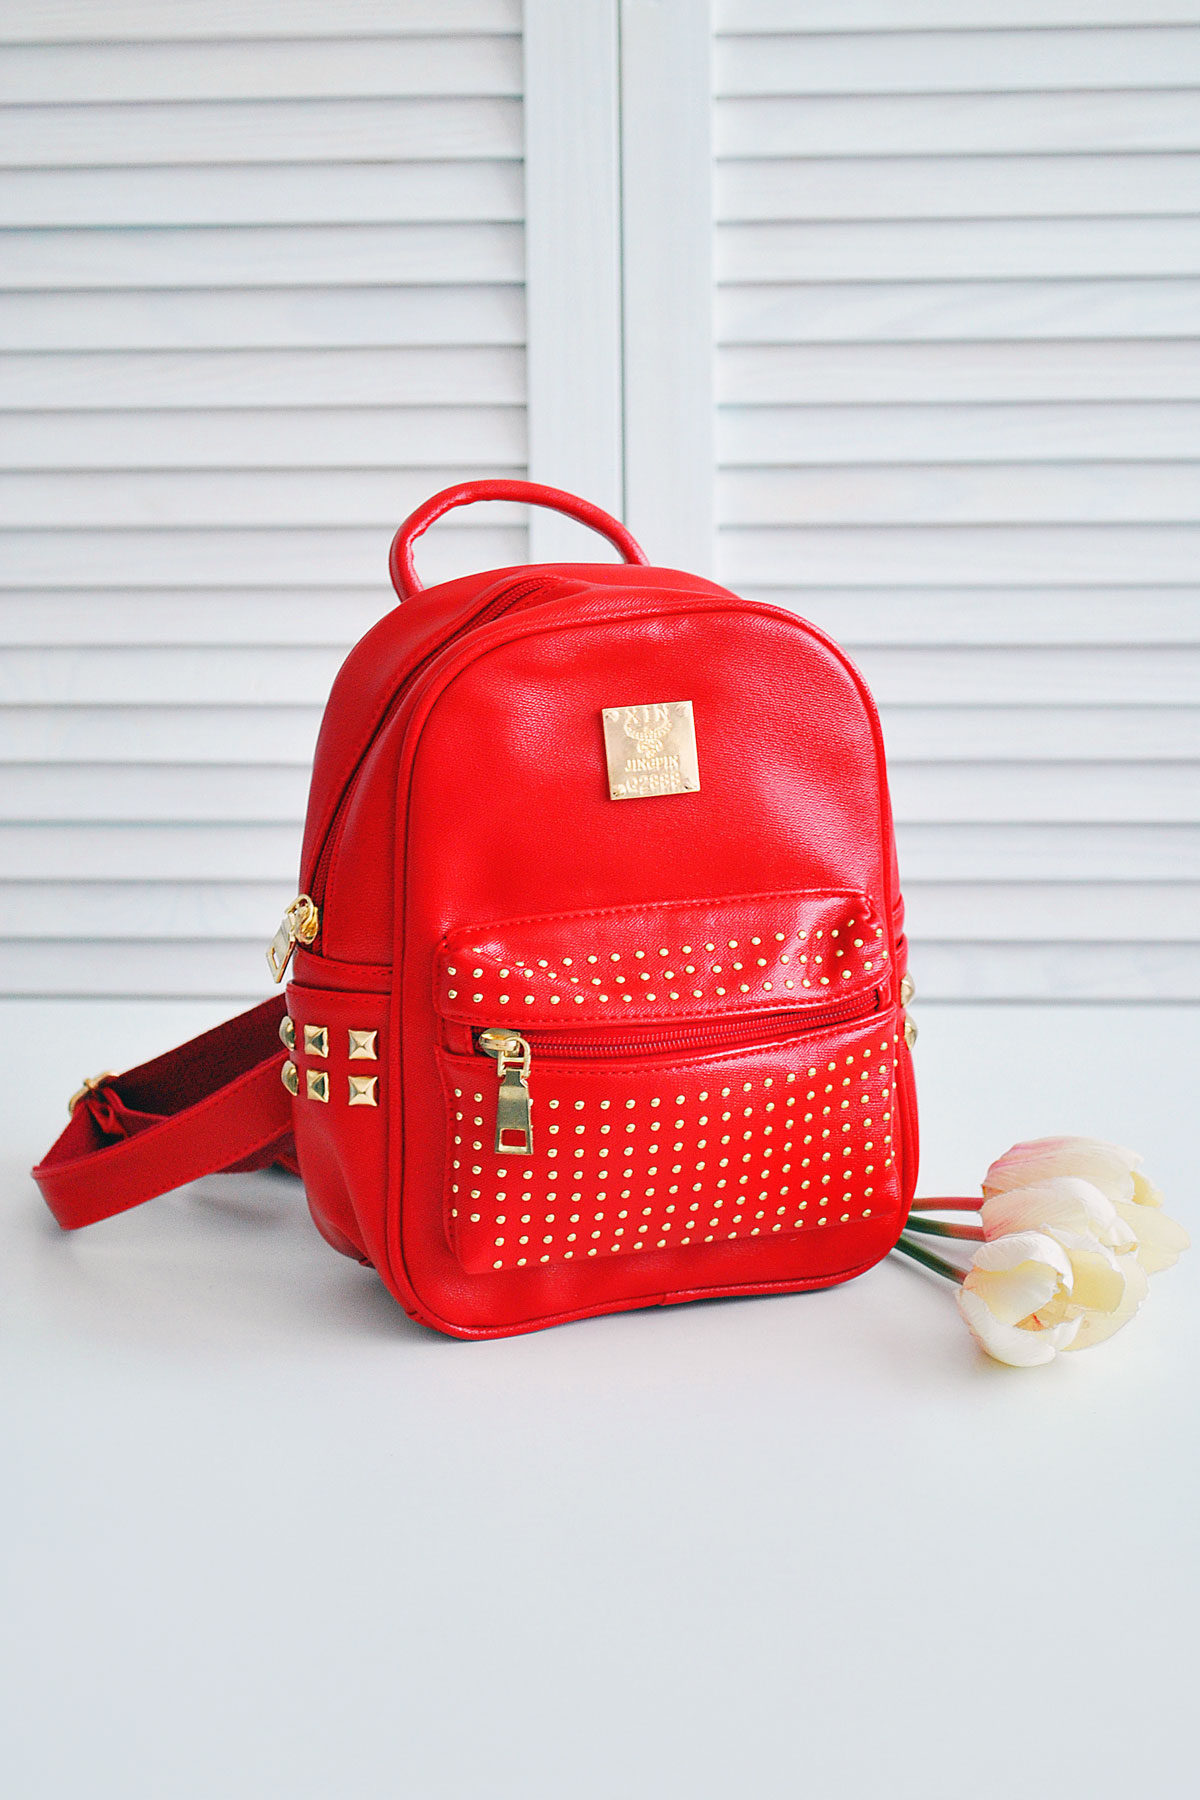 329e33f8ee4d небольшой рюкзак жемчужного цвета. Рюкзак 610. Цвет: красный